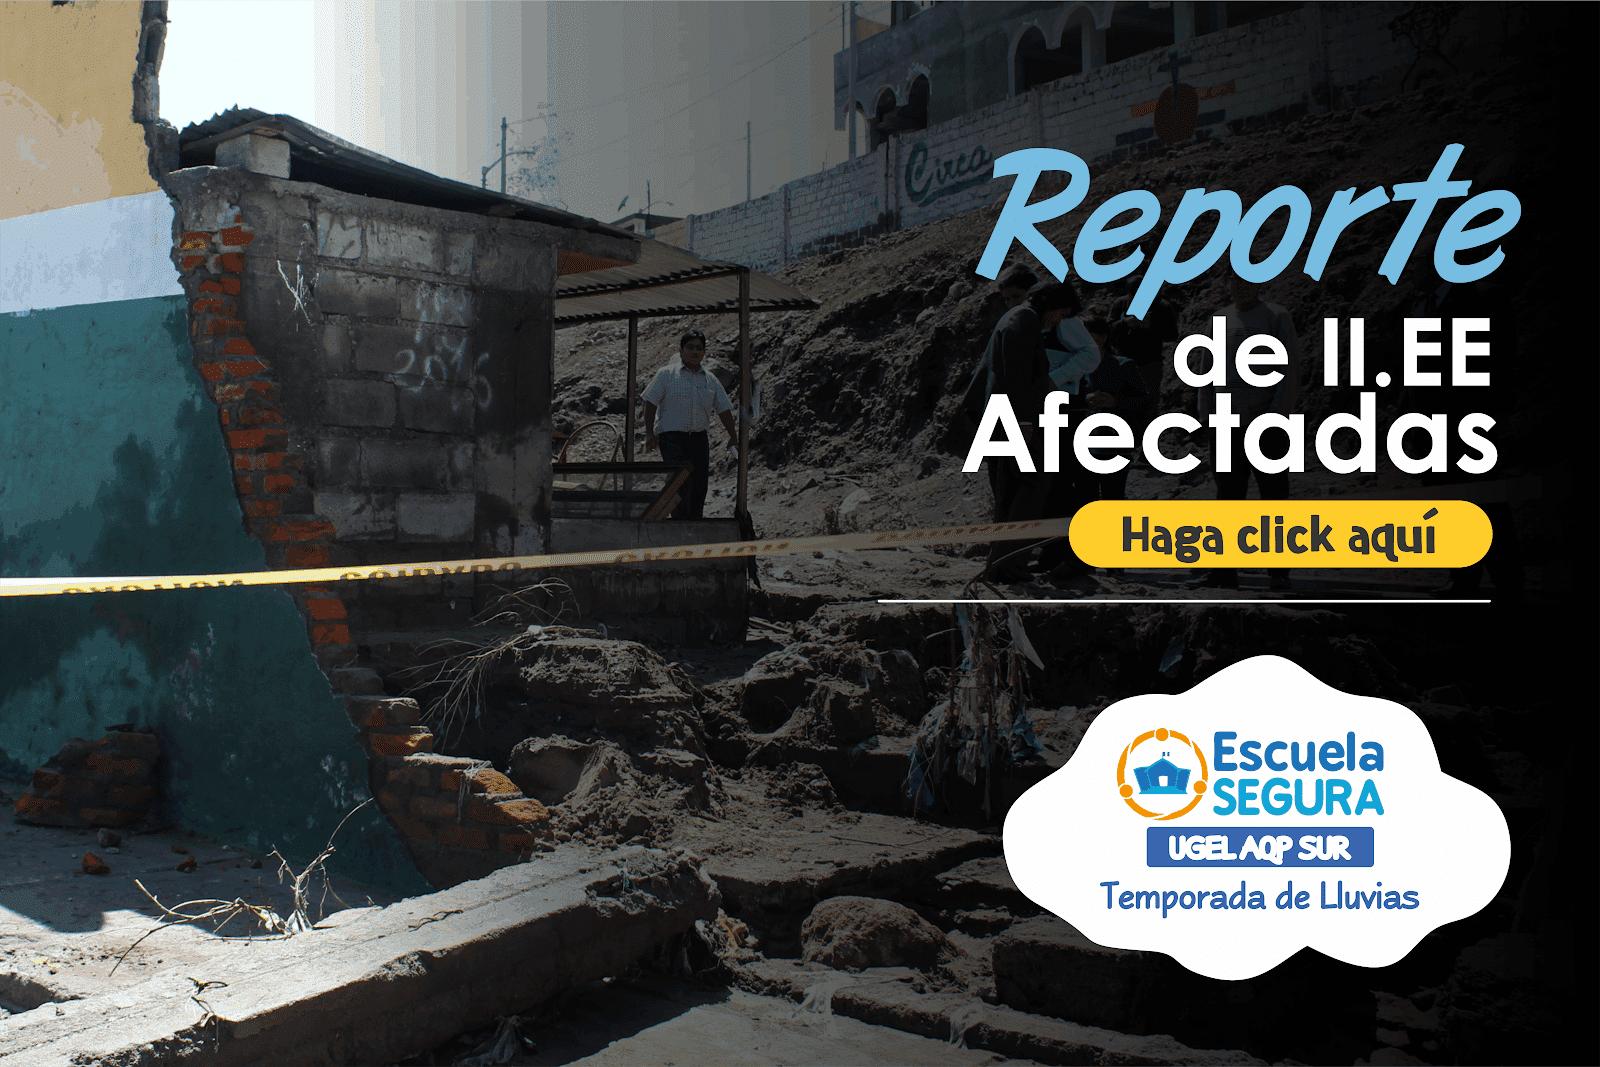 REPORTE DE ESTADO DE II.EE